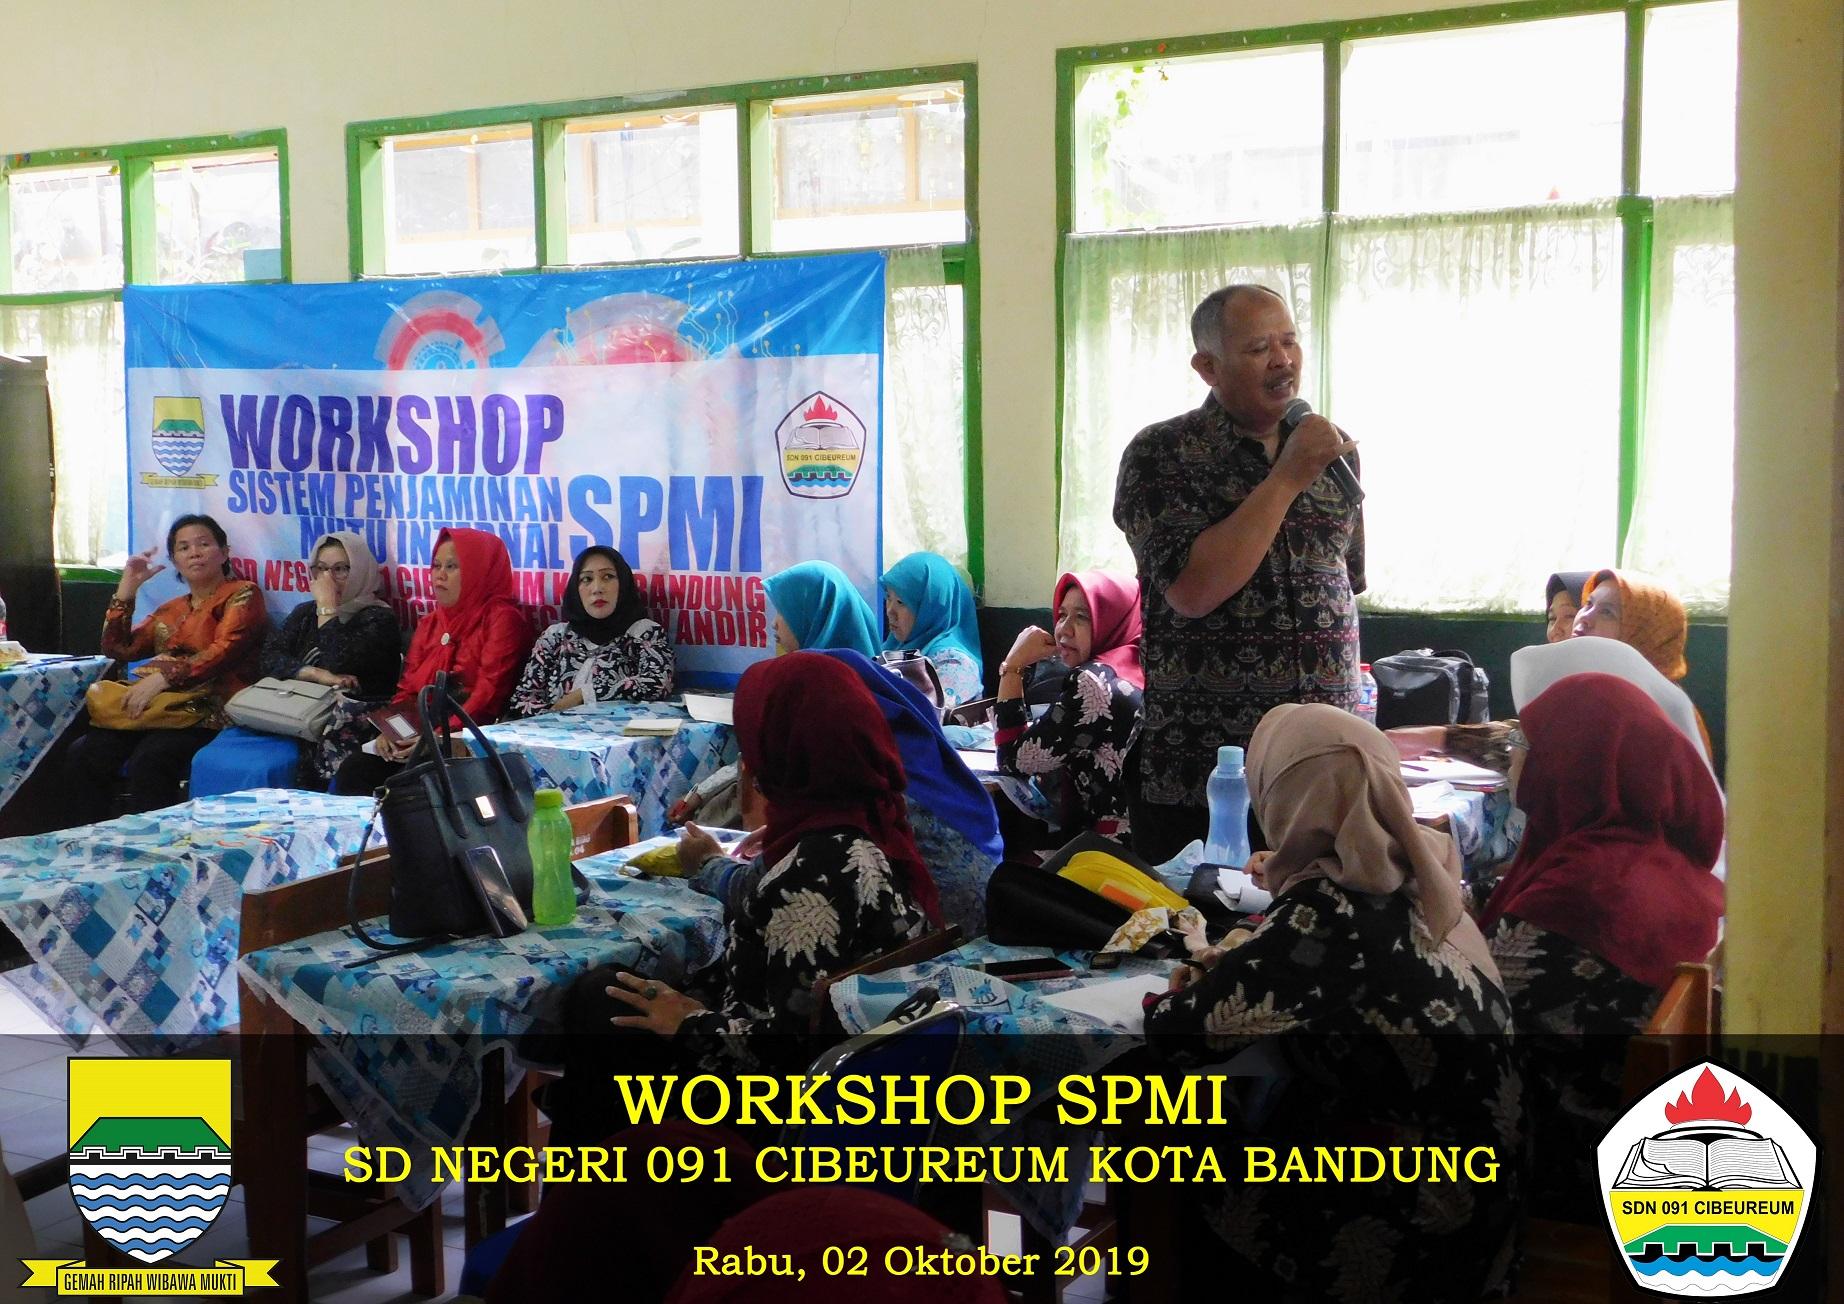 Workshop SPMI 2